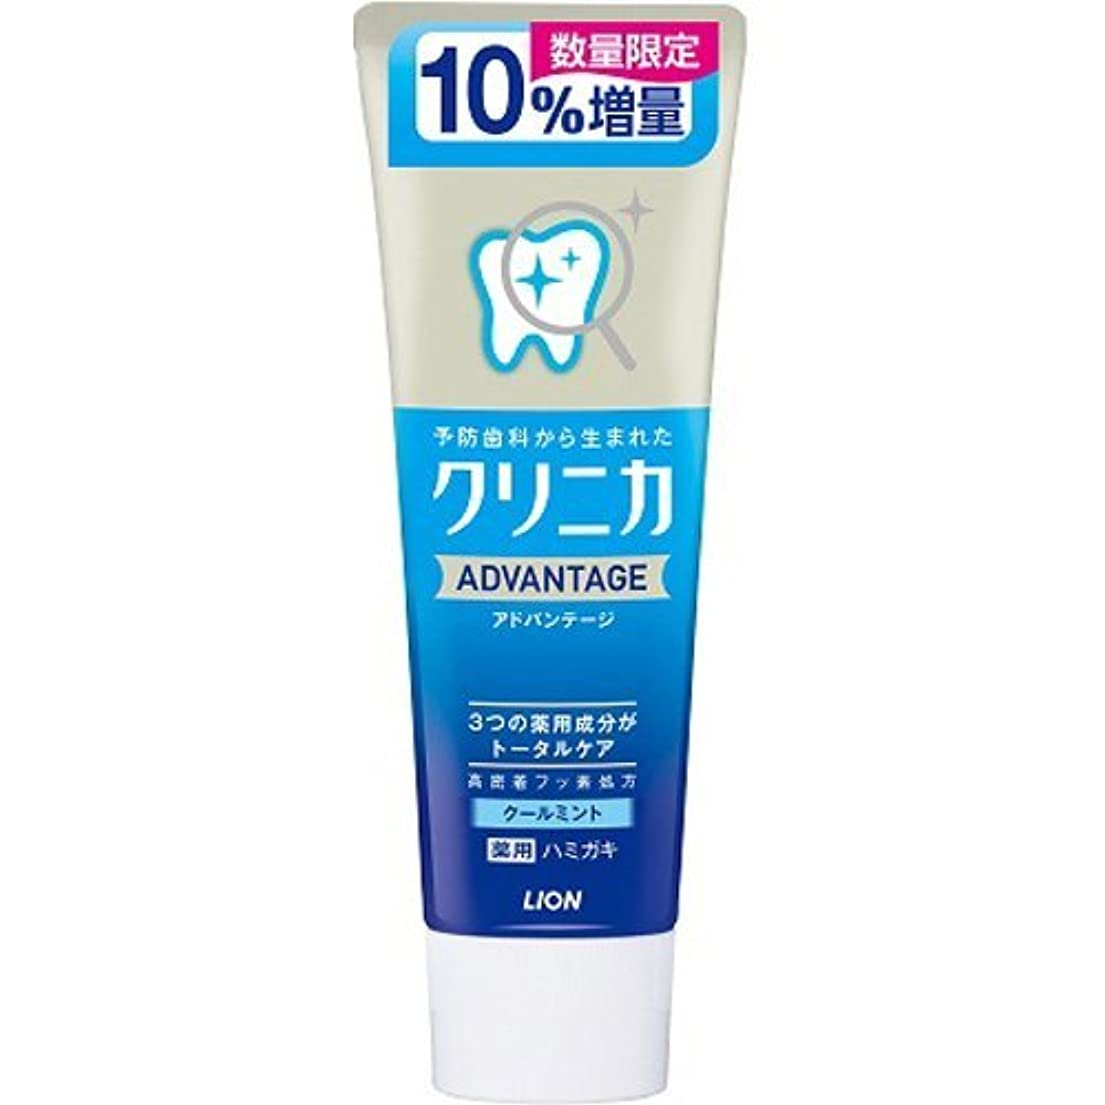 レーザ必要条件構築するクリニカアドバンテージ歯磨クールミント10%増量品